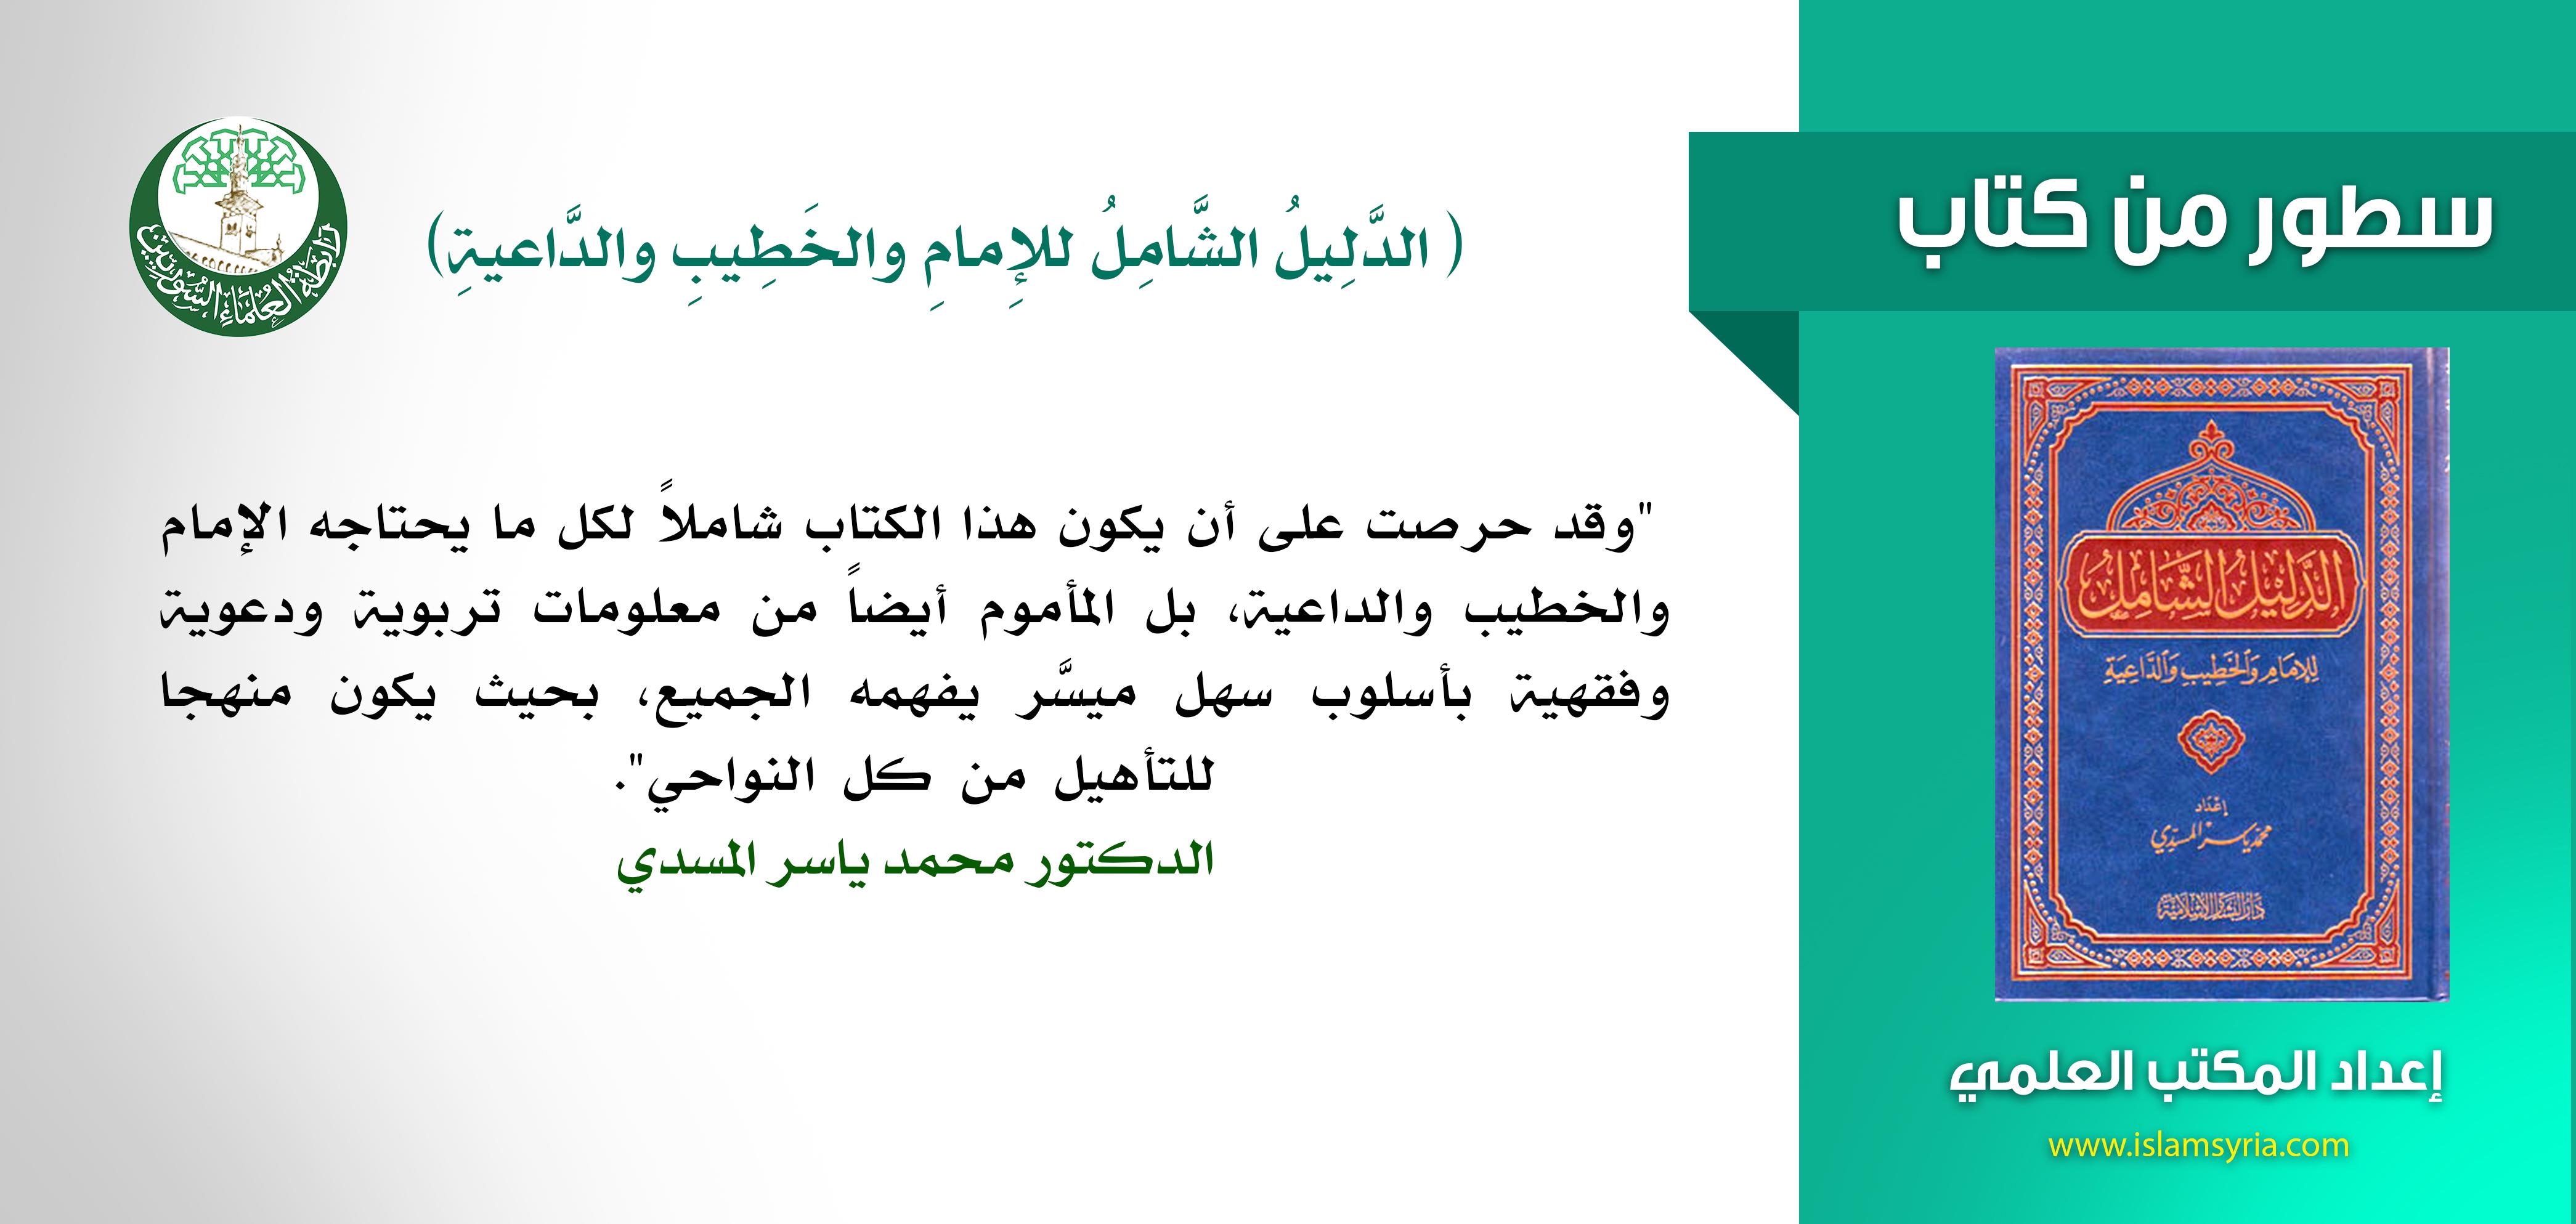 الدليل الشامل للإمام والخطيب والداعية||الشيخ ياسر المسدي